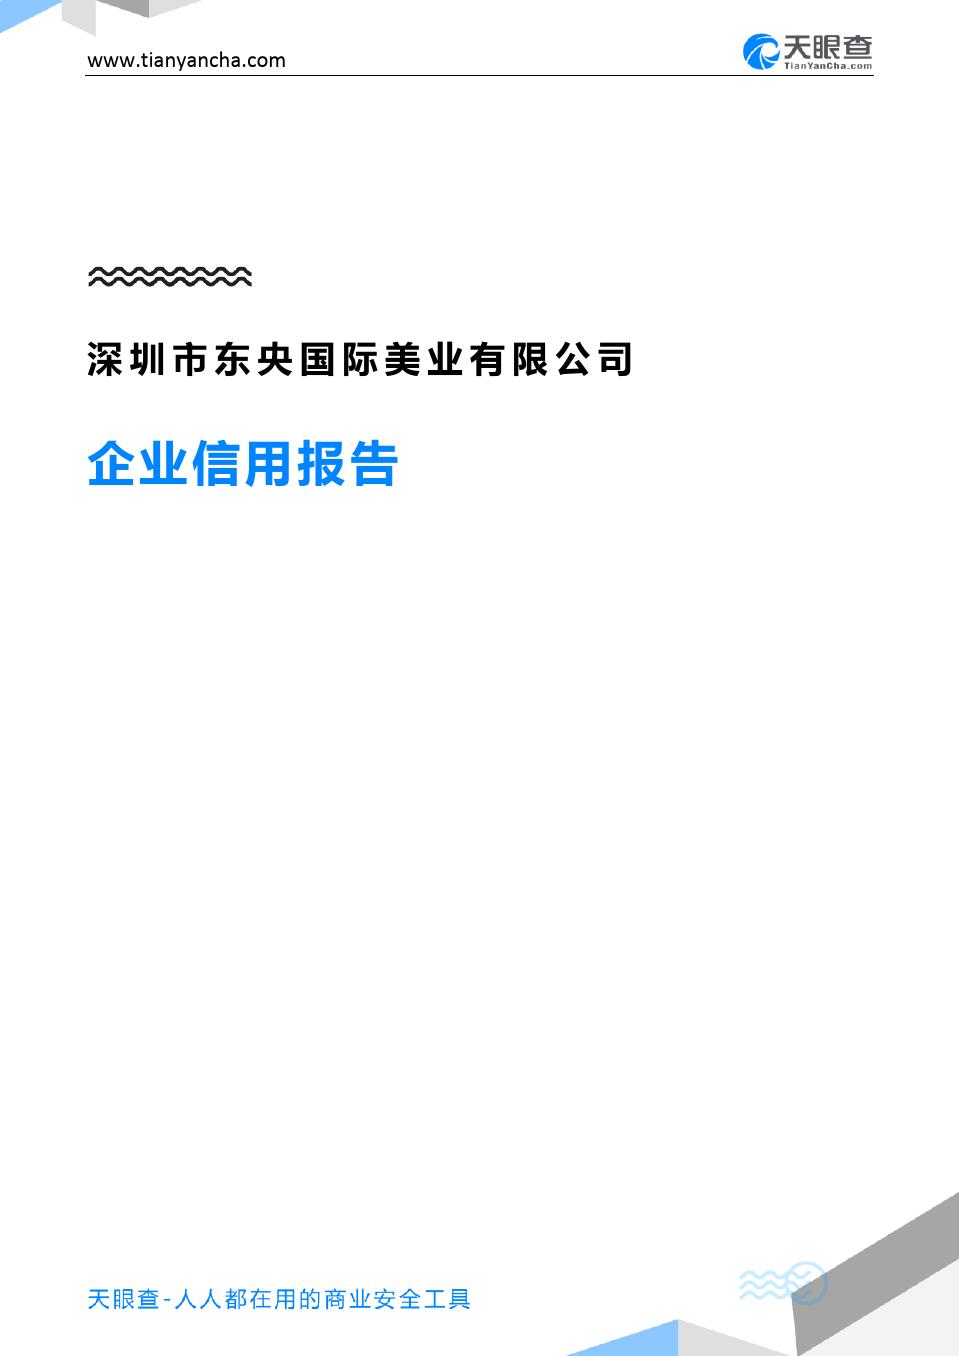 深圳市东央国际美业有限公司(企业信用报告)- 天眼查